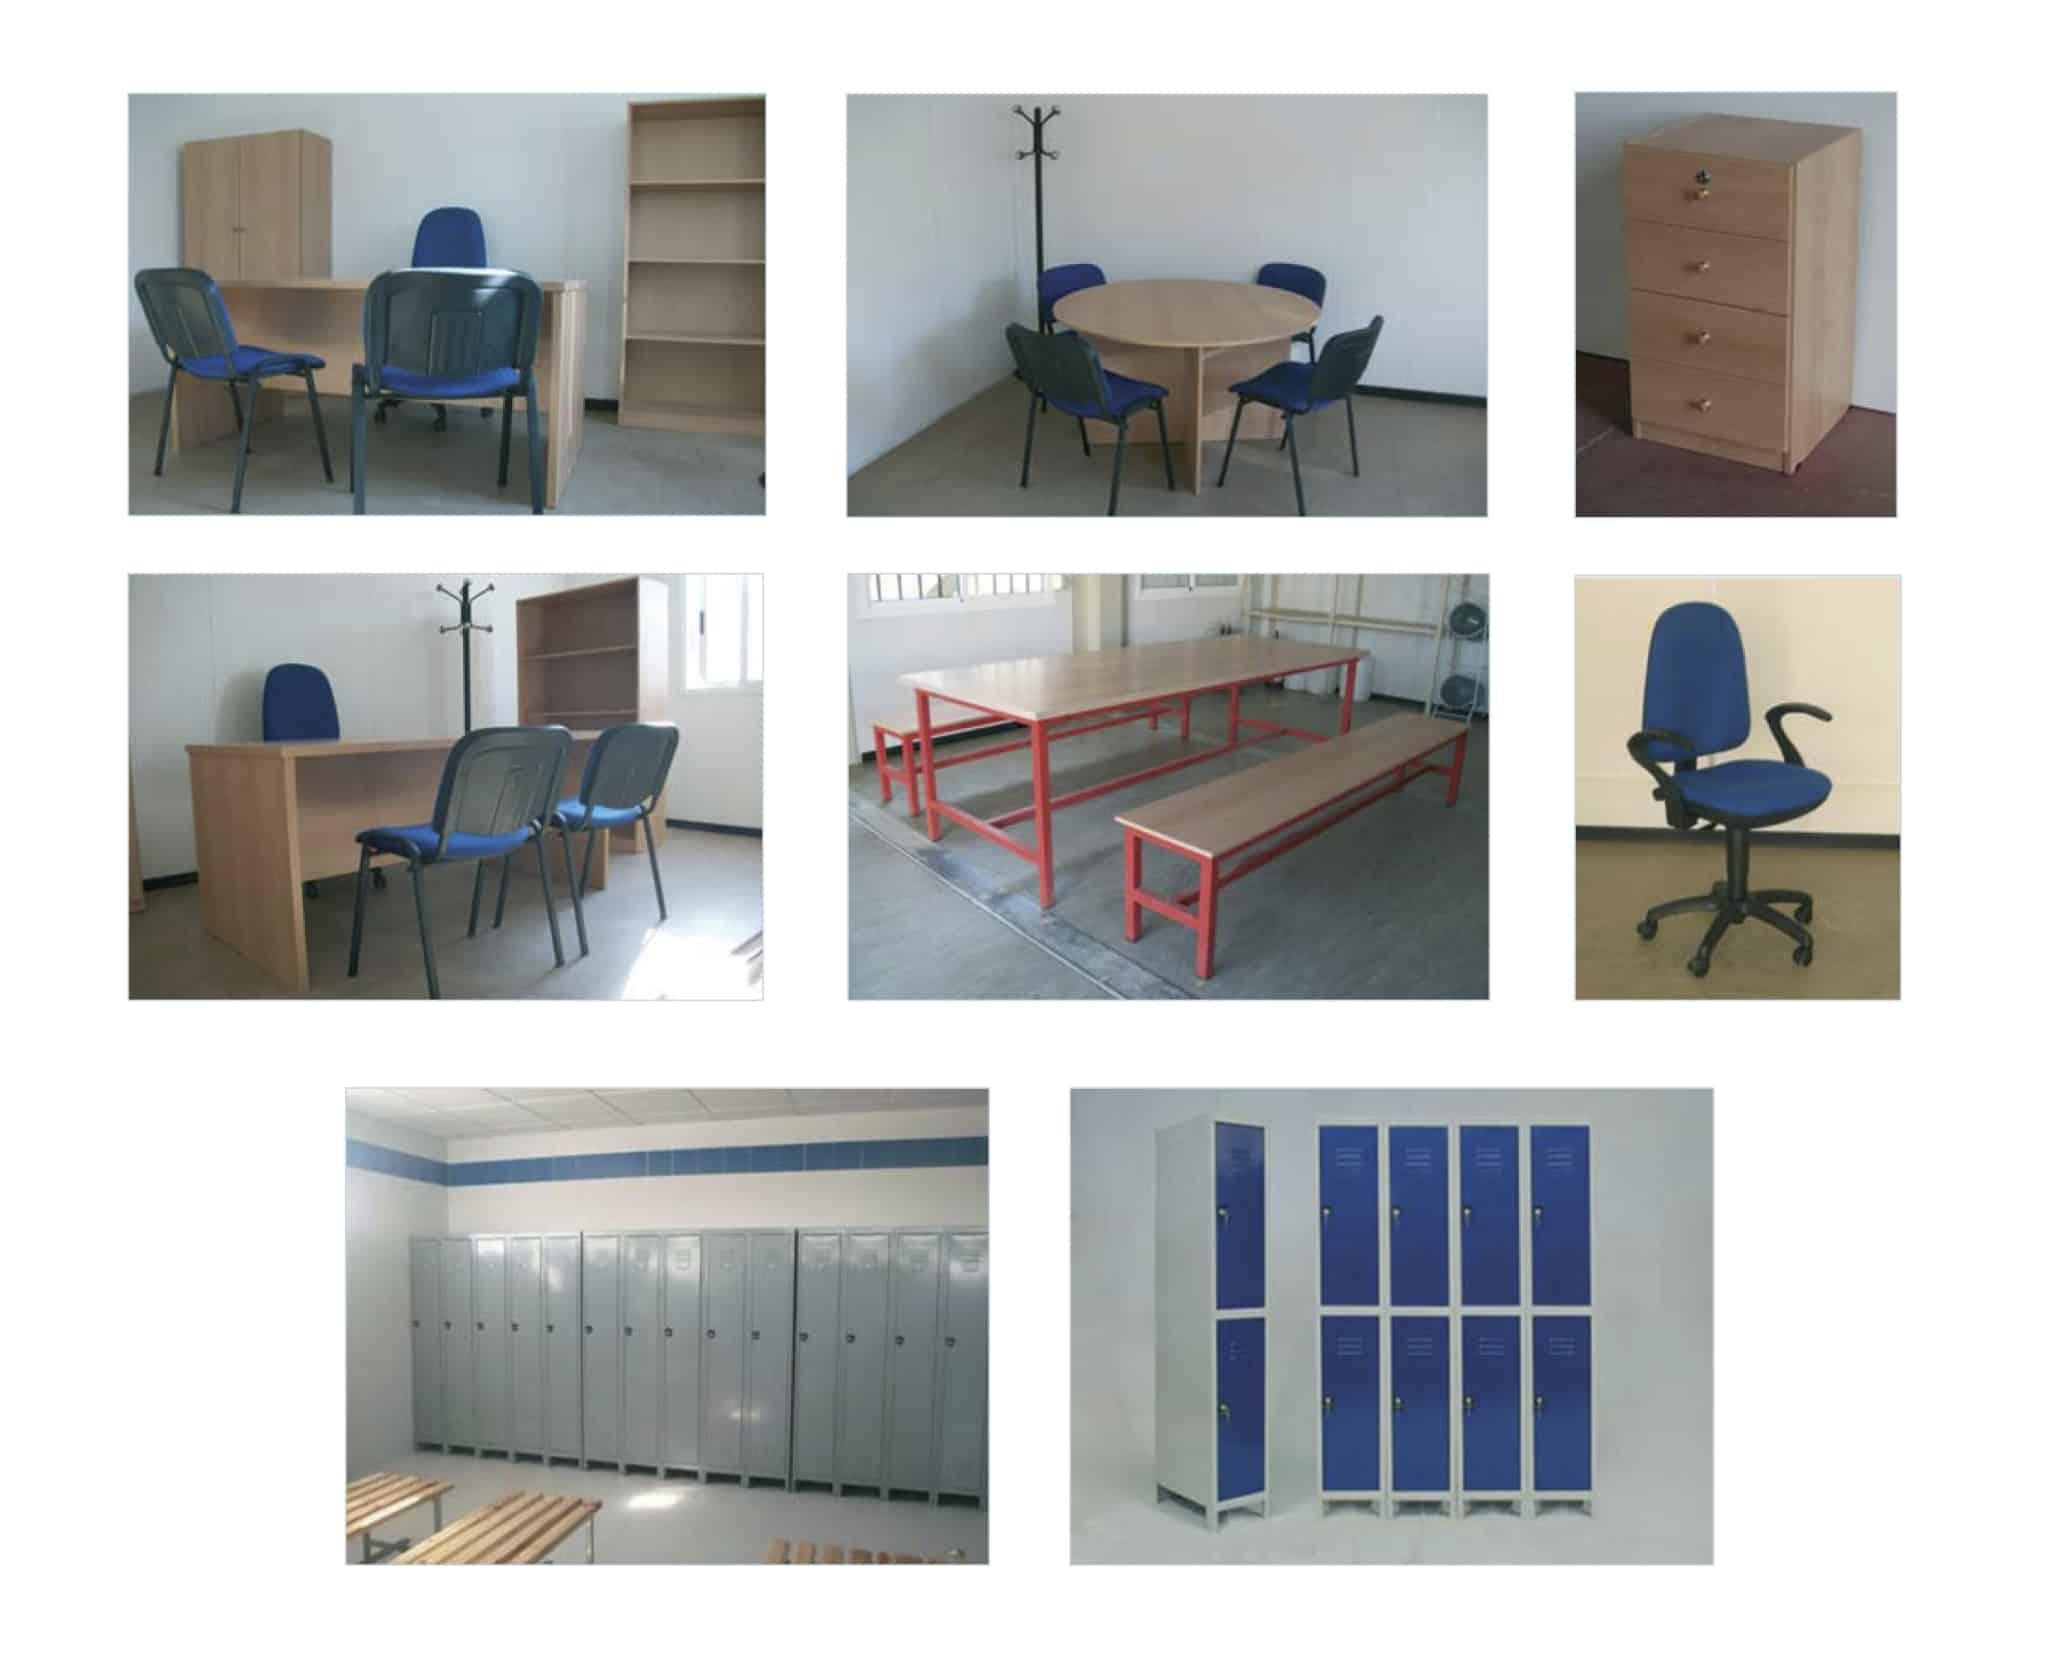 muebles y taquillas para casetas de obra en alquiler en Vigo